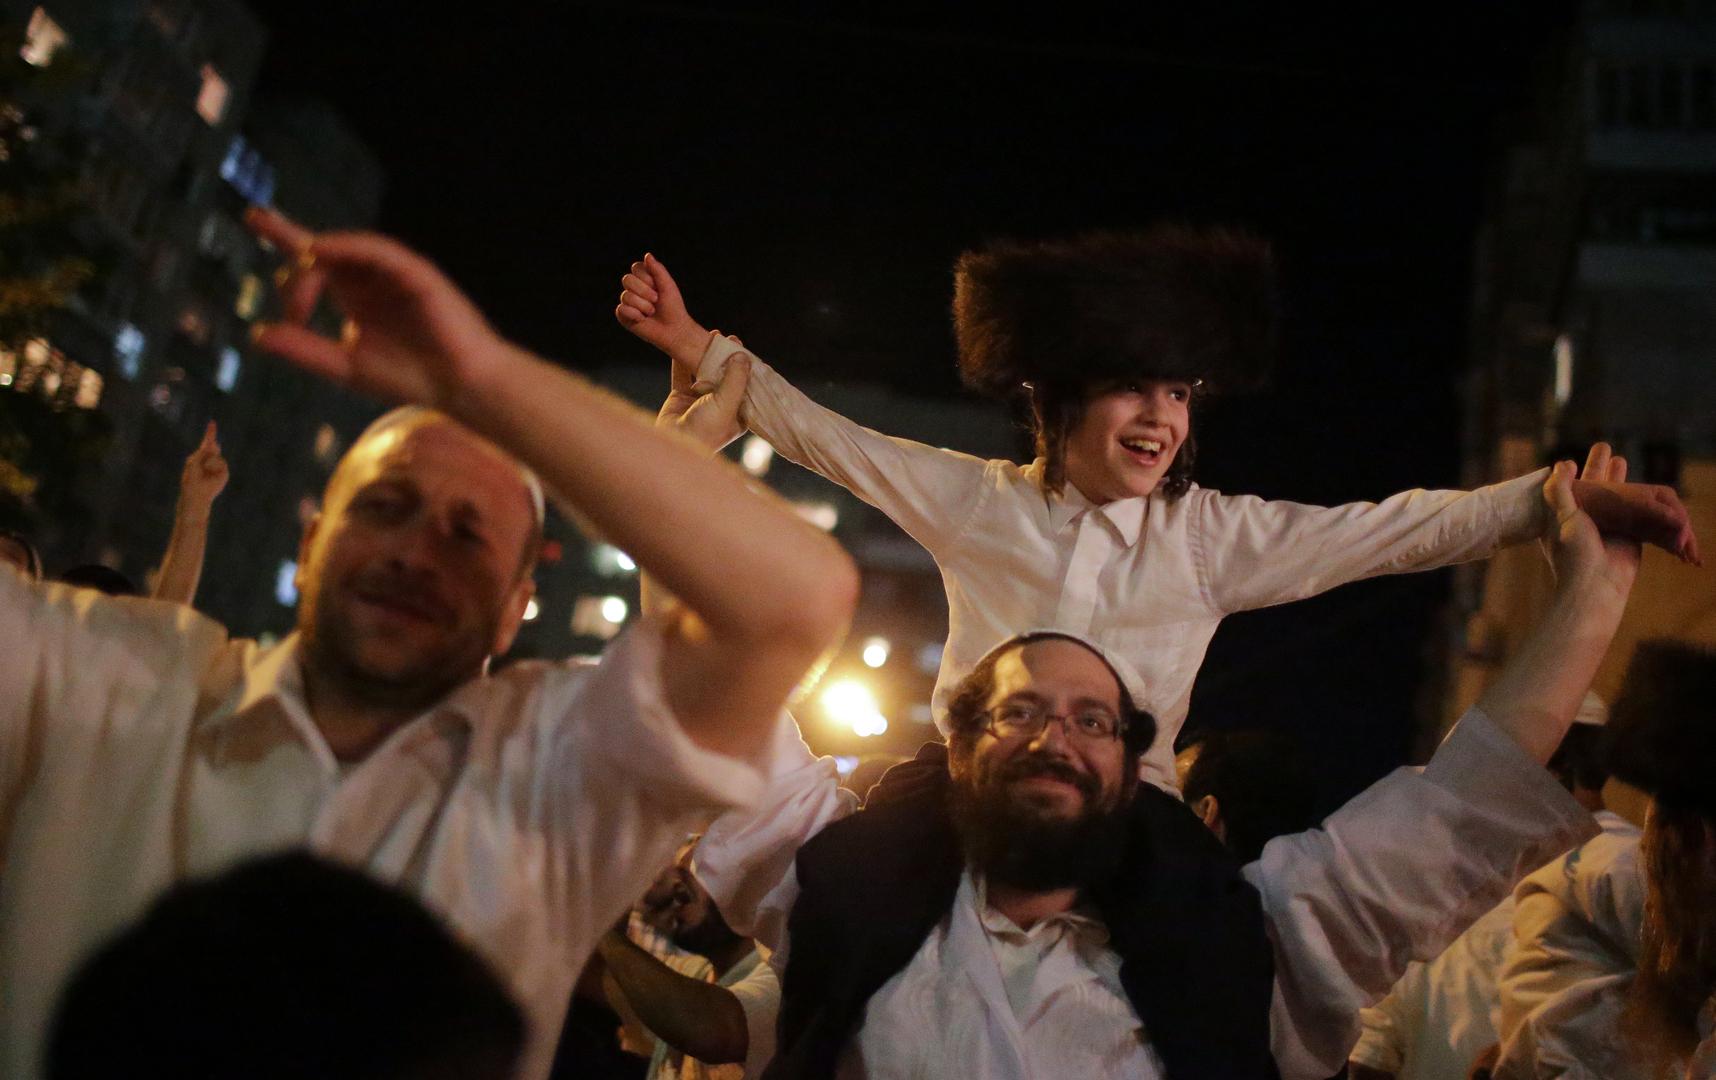 حجاج يهود يحتفلون بعيد رأس السنة اليهودية في مدينة أومان بأوكرانيا (أرشيف)